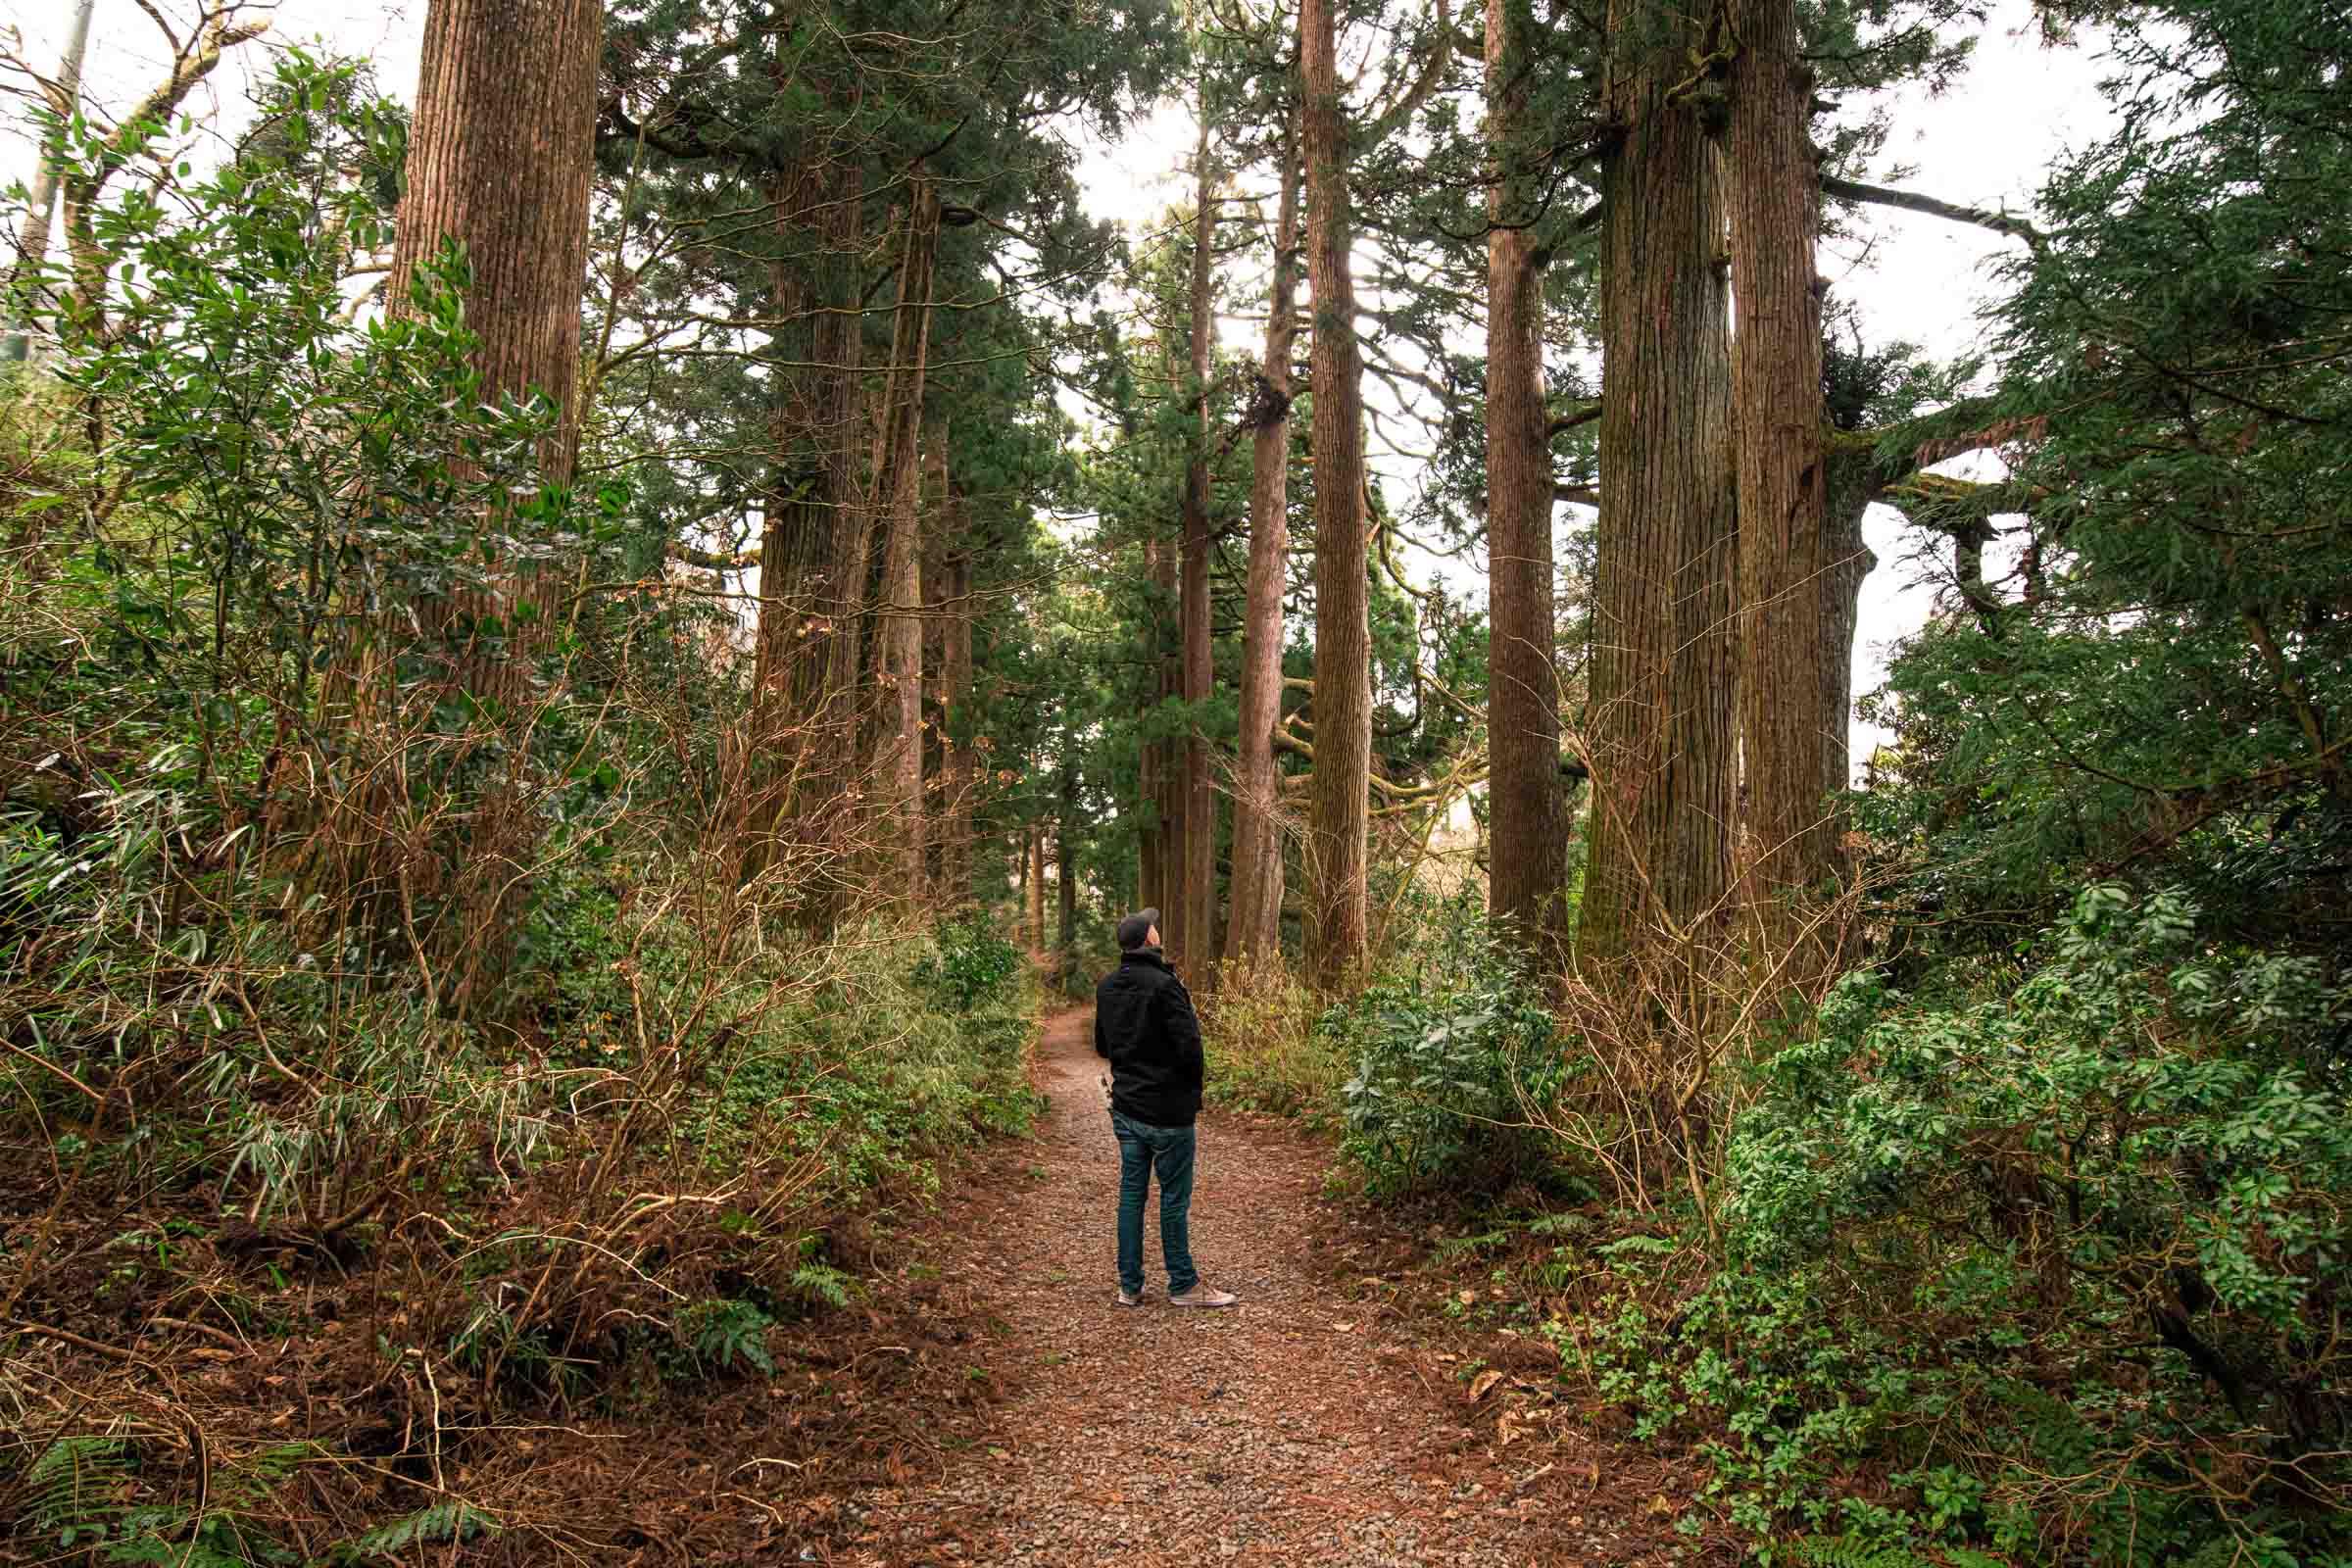 Suginamiki Japanese Cedar - Hakone, Japan